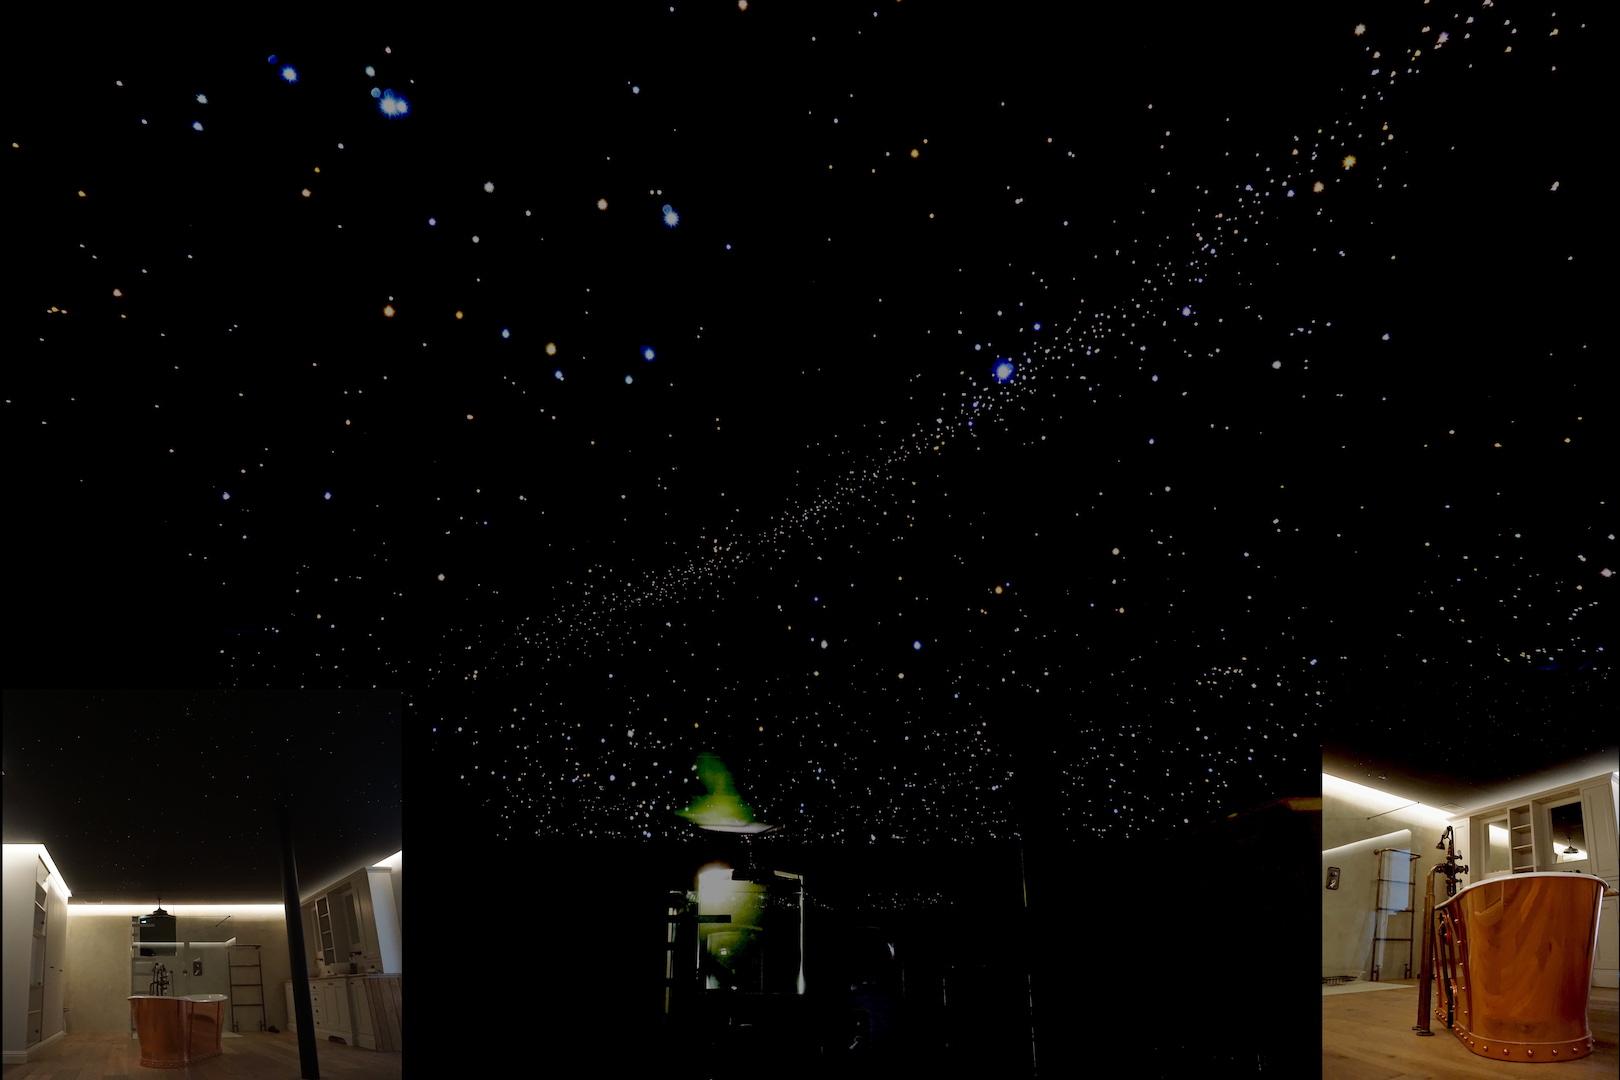 mycosmos sternenhimmel led schlafzimmer decke beleuchtung glasfaser mycosmos kaufen fur mit licht lampe sternschnuppe sauna luxus